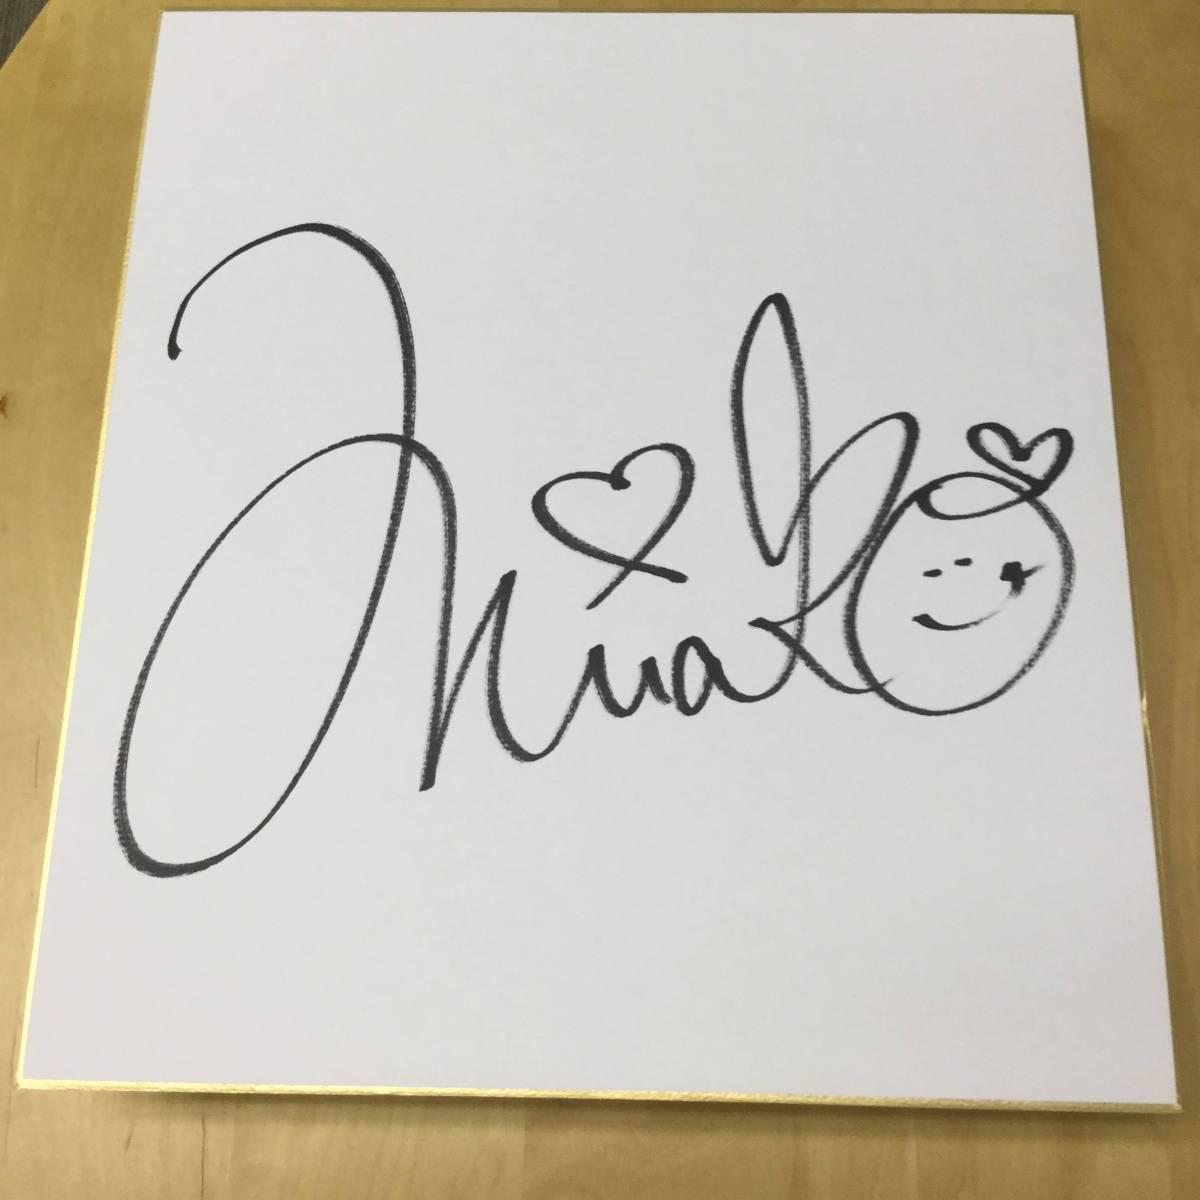 [チャリティ]★☆筧美和子さん直筆サイン色紙・1☆★ rfp1105_画像2